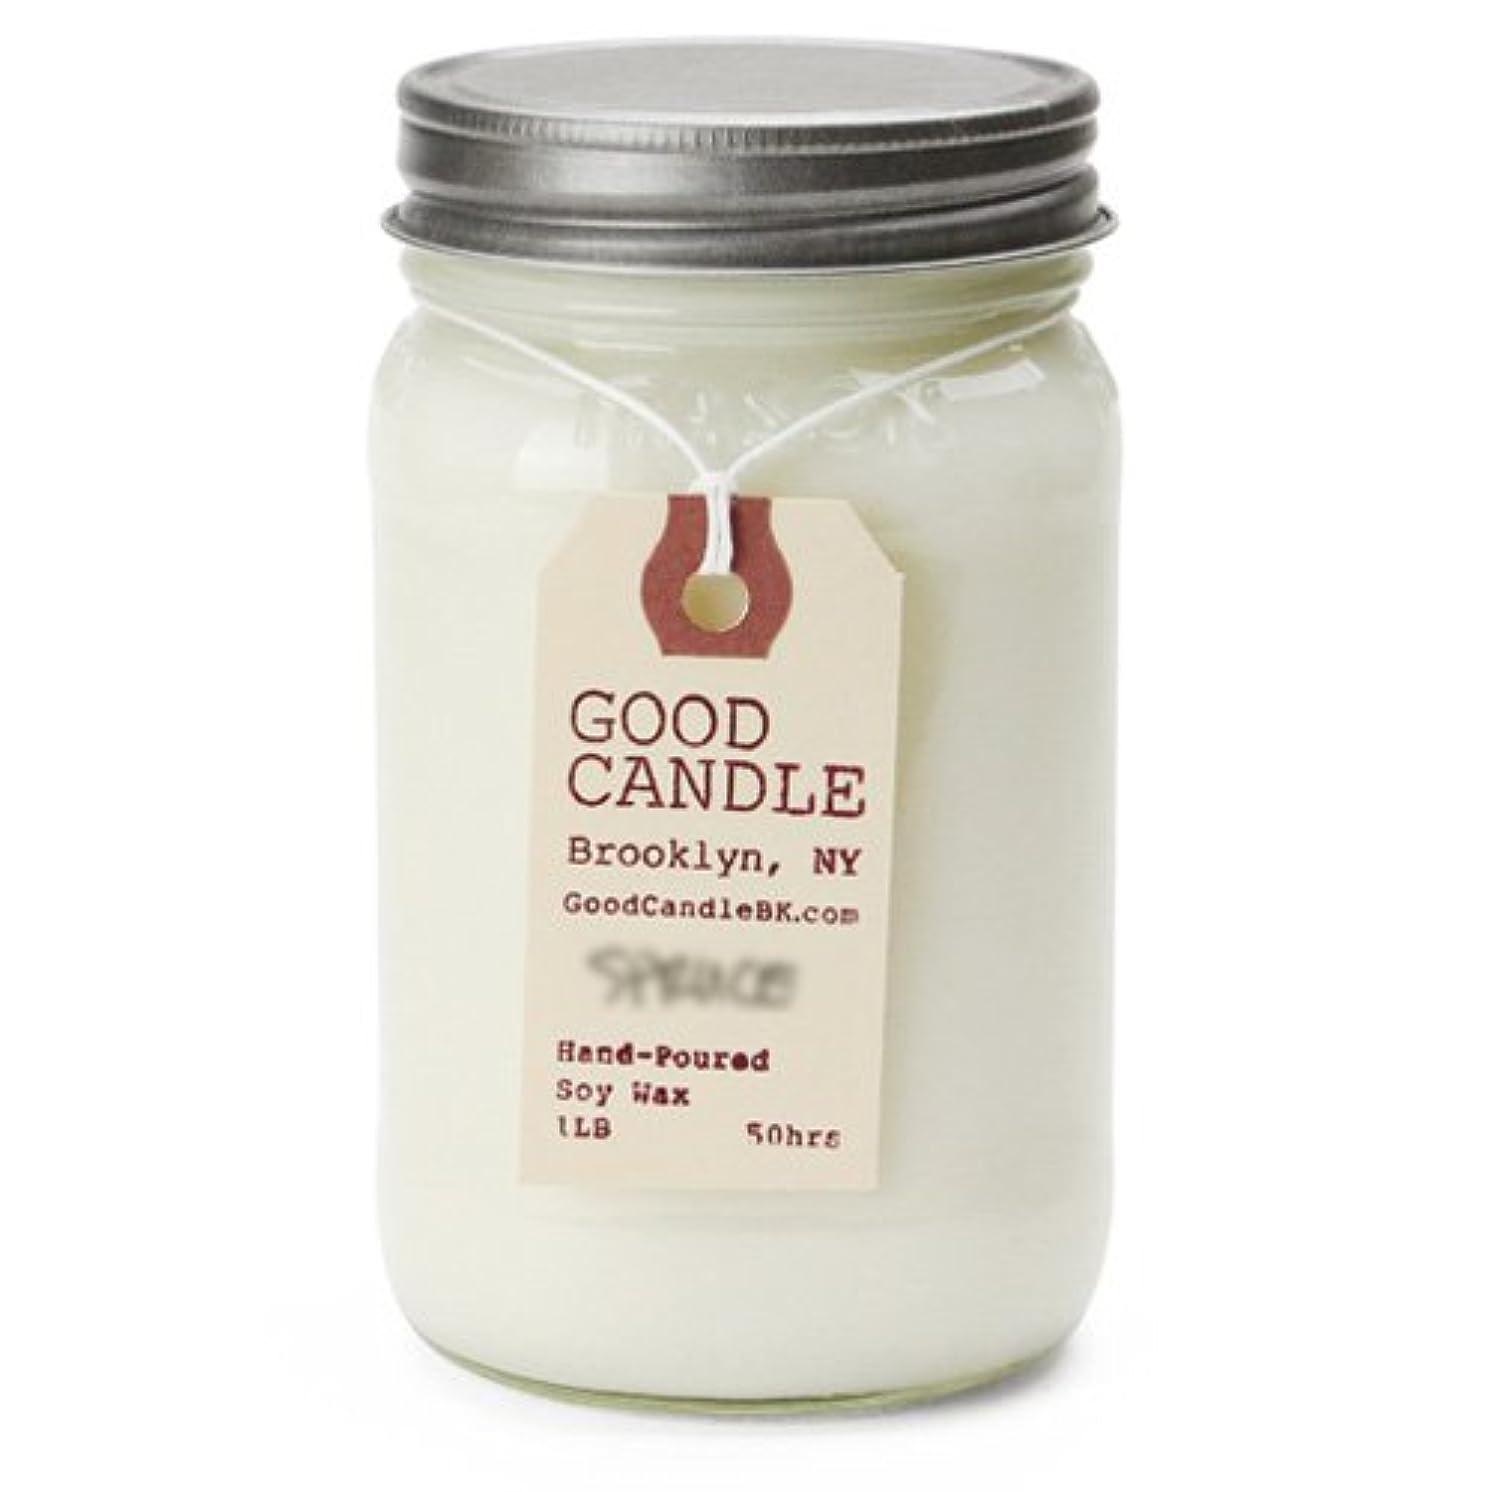 石鹸回転させるラリーベルモントグッドキャンドル 1ポンド メイソンジャー キャンドル Good Candle 1LB Mason jar candle [ Spruce ] 正規品